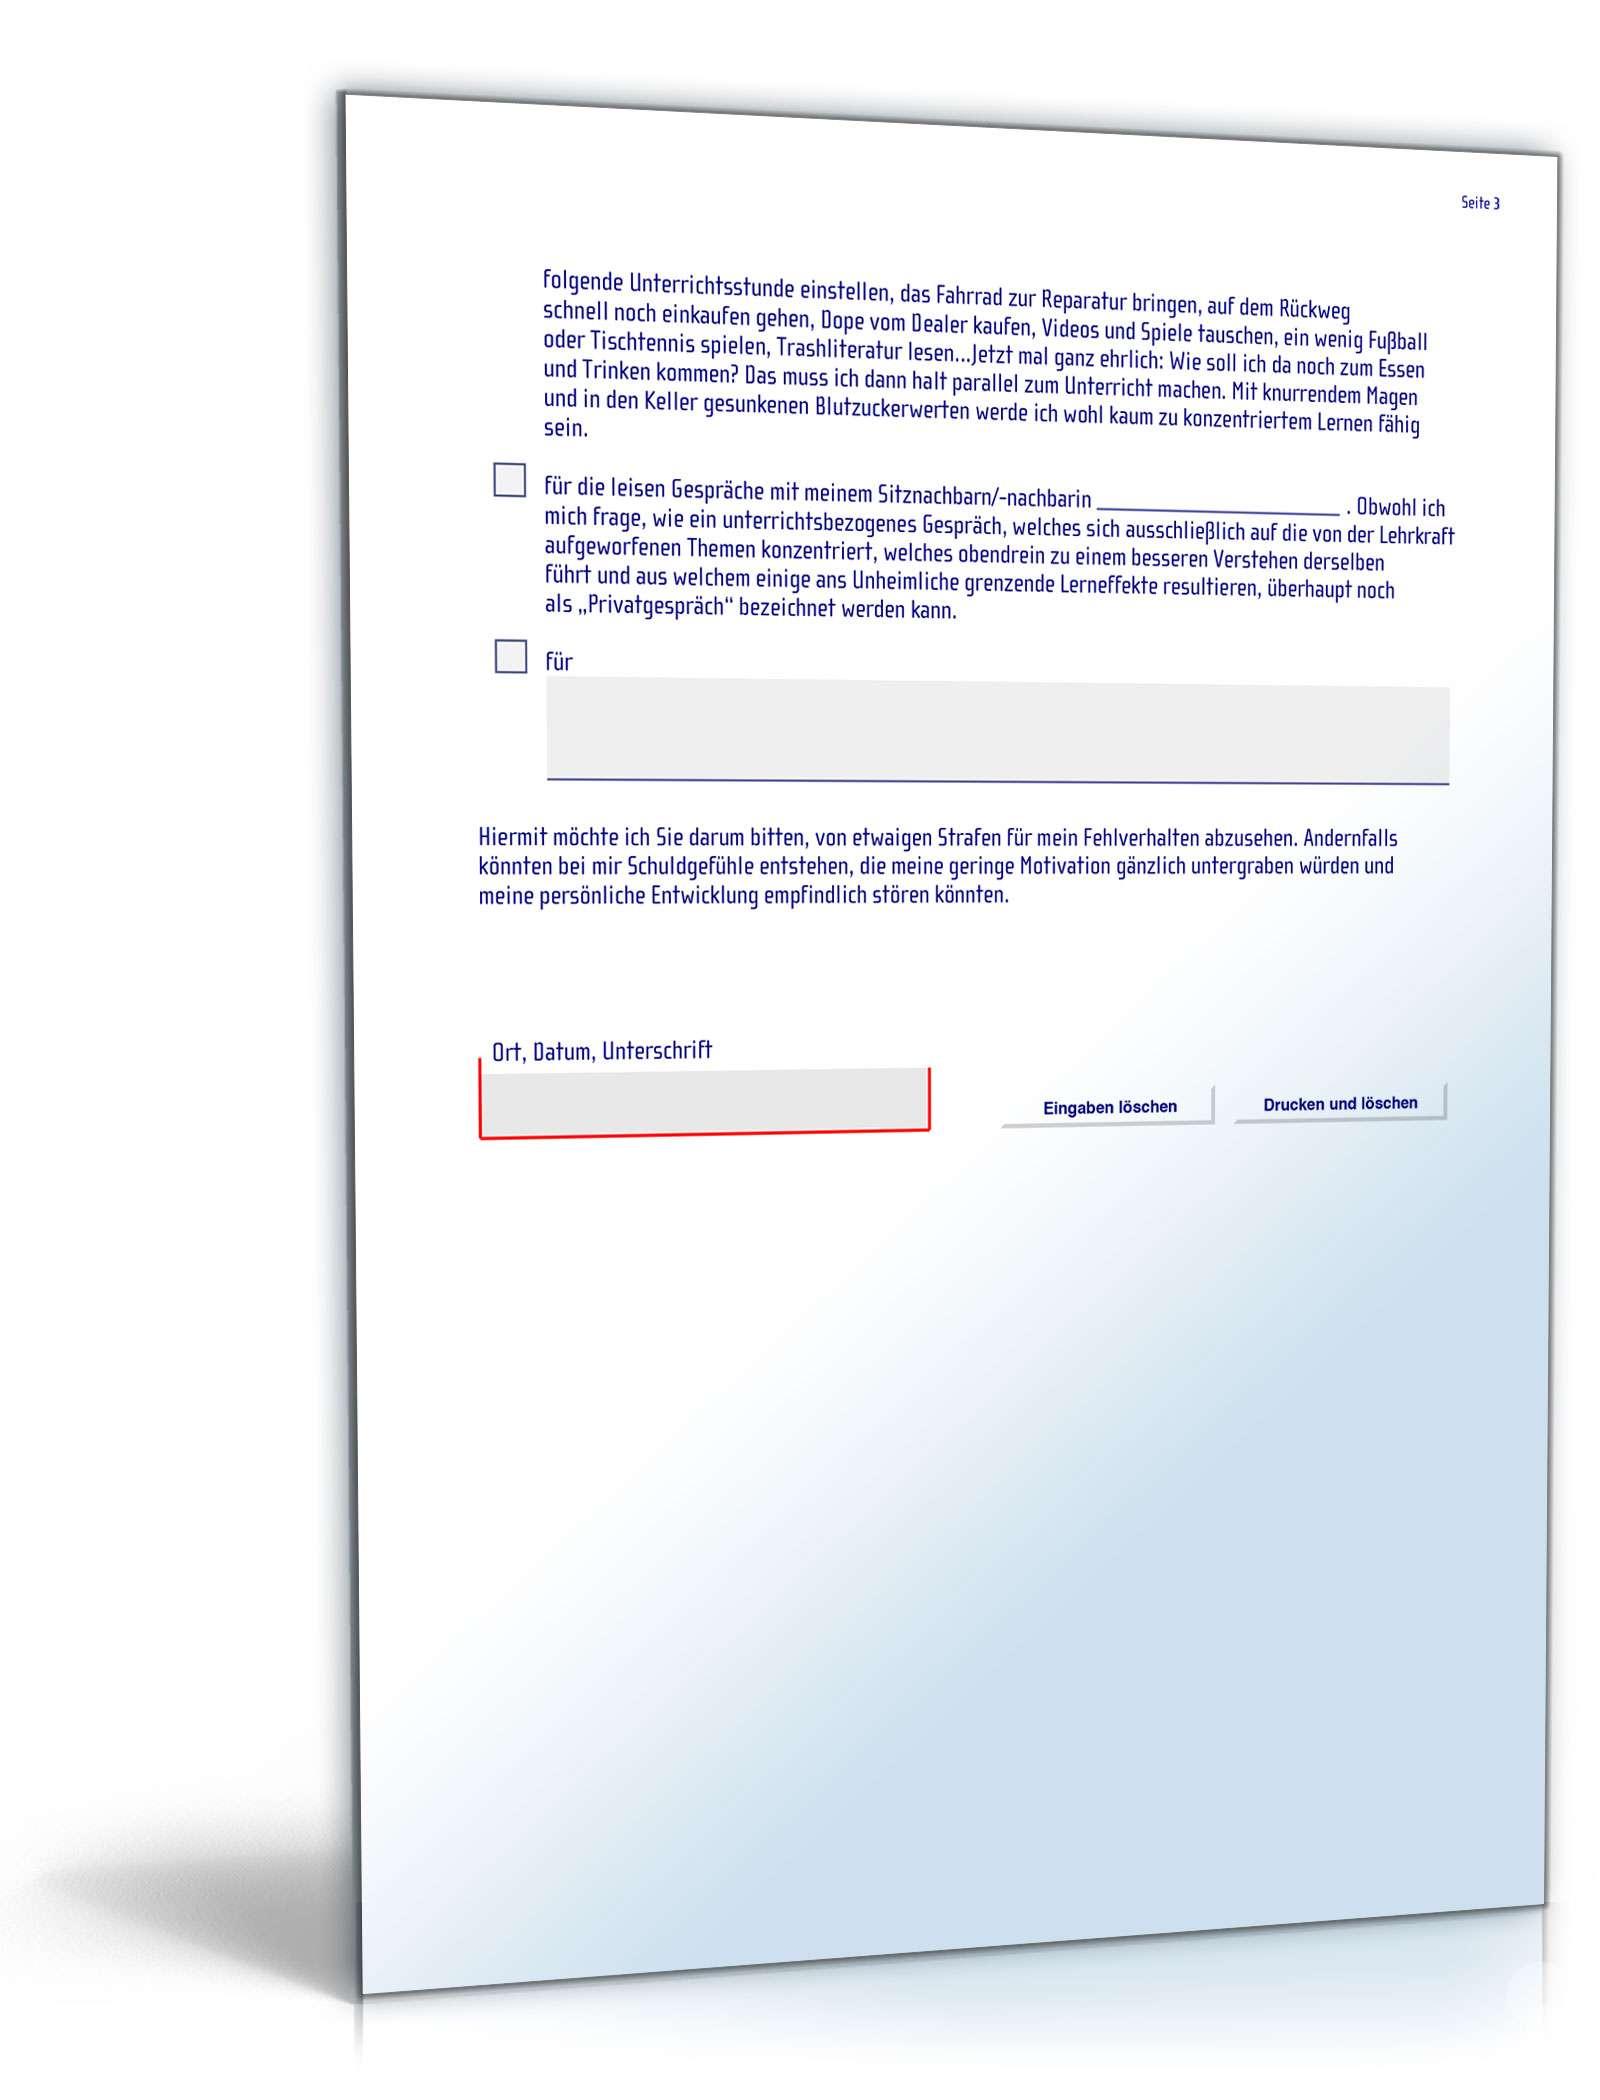 pdf seite 3 - Entschuldigung Fur Die Schule Muster